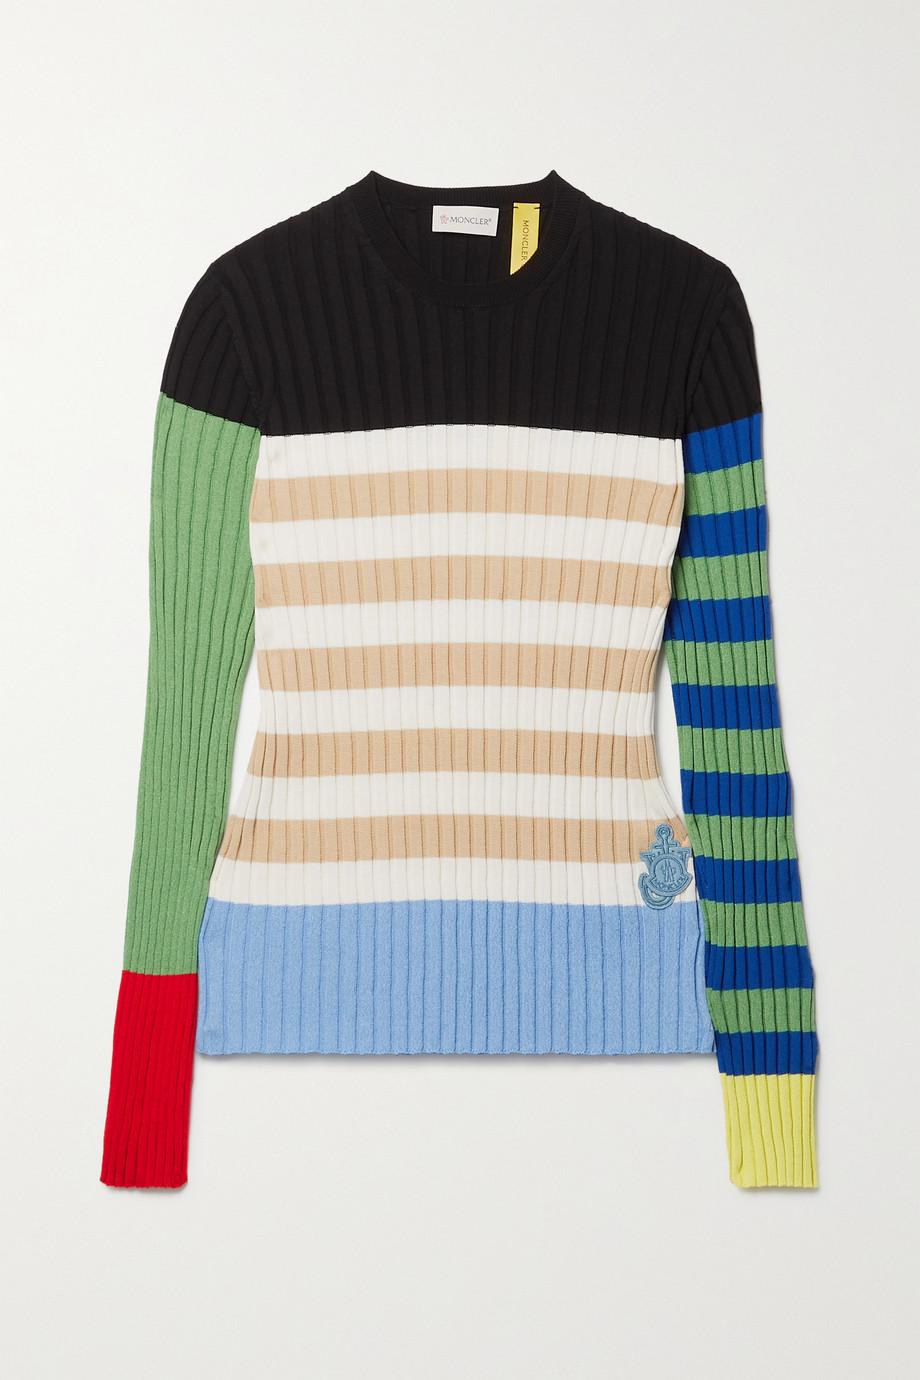 Moncler Genius Pull en coton mélangé côtelé color-block x JW Anderson 1